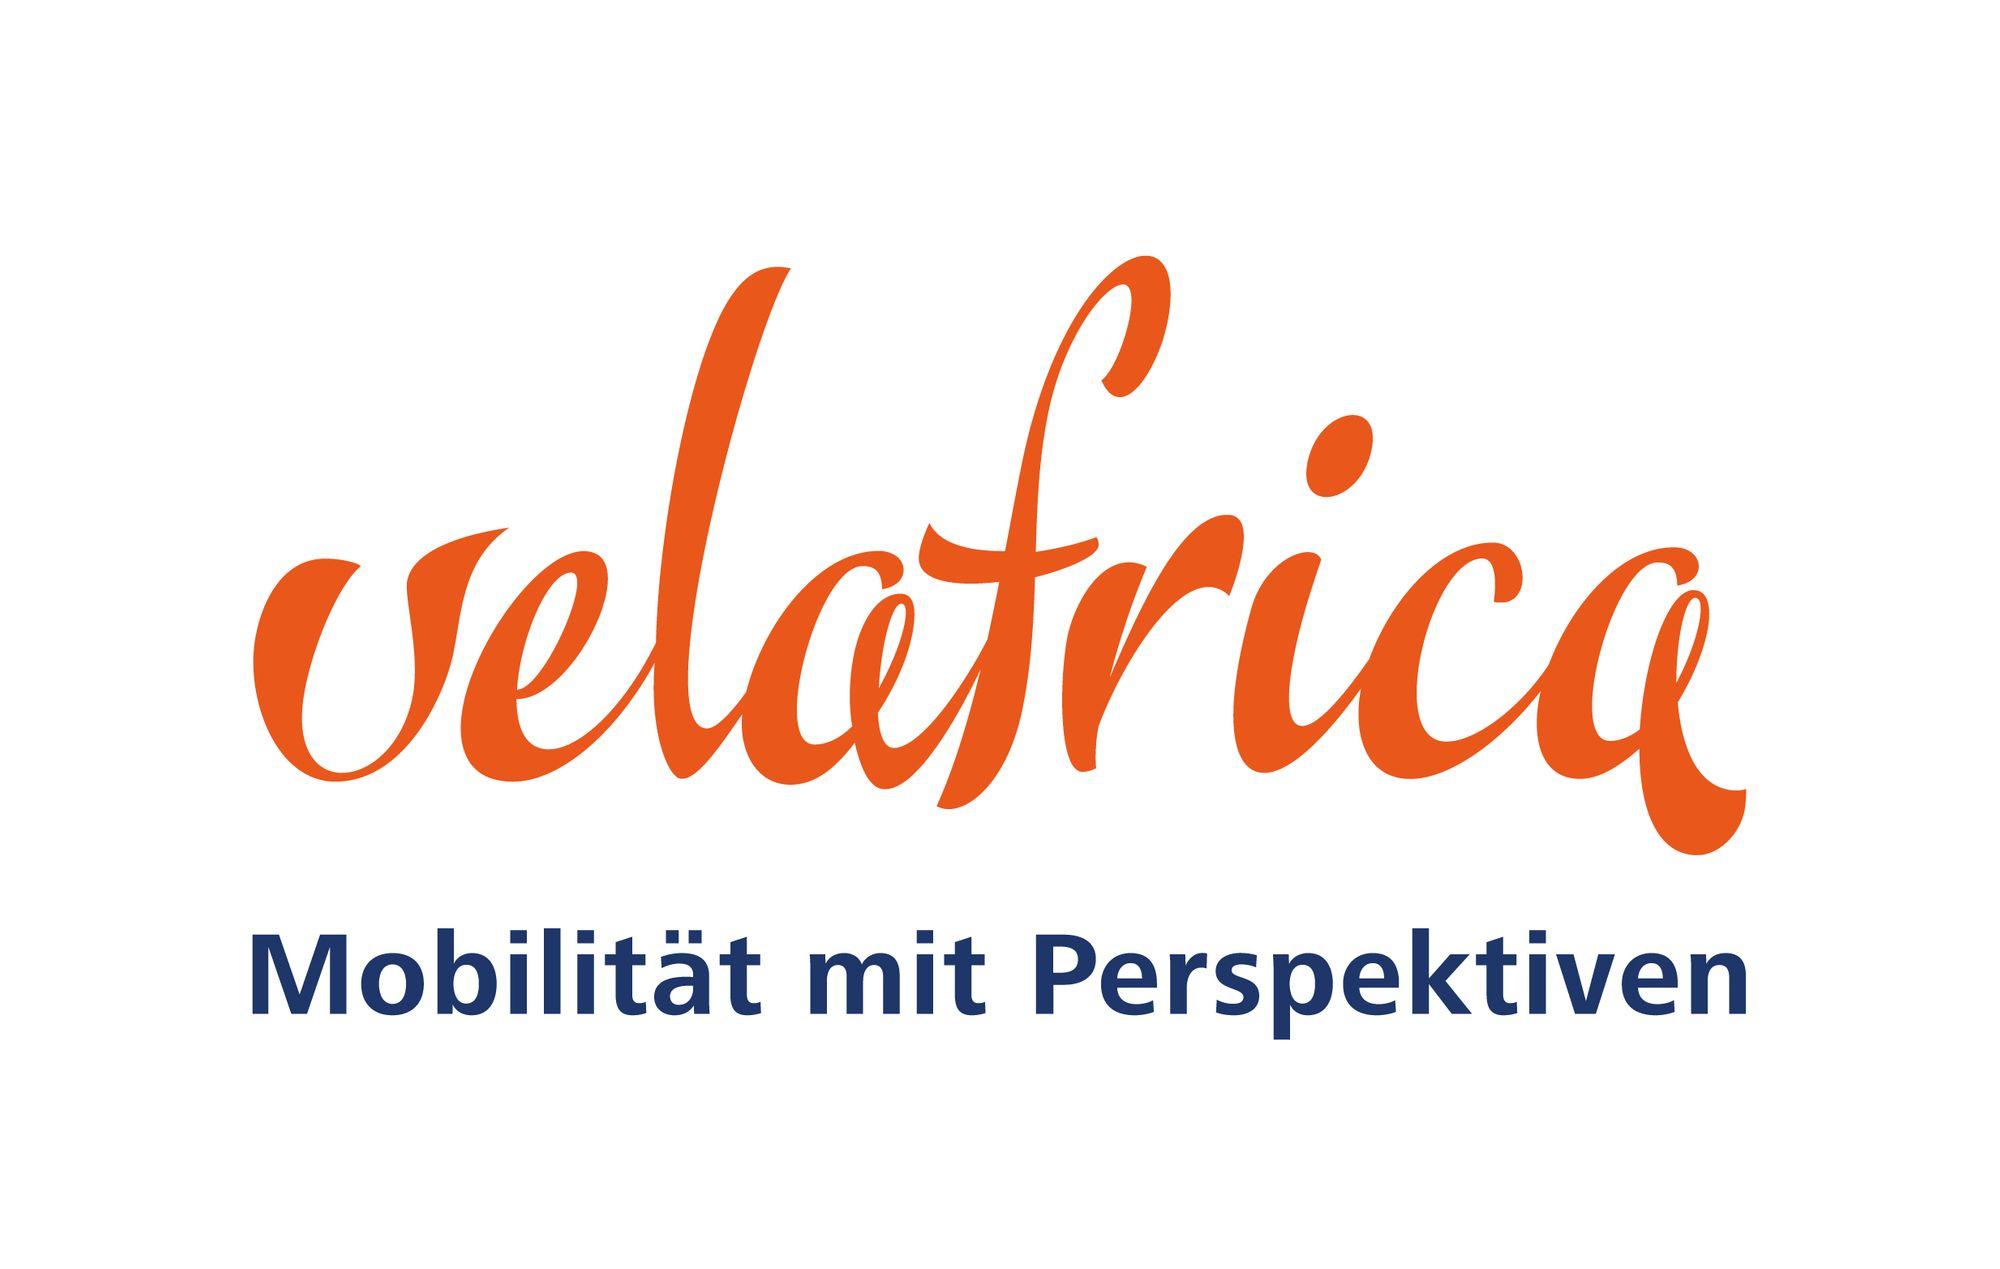 Lazer unterstützt Velafrica Helm kaufen, Gutes tun!